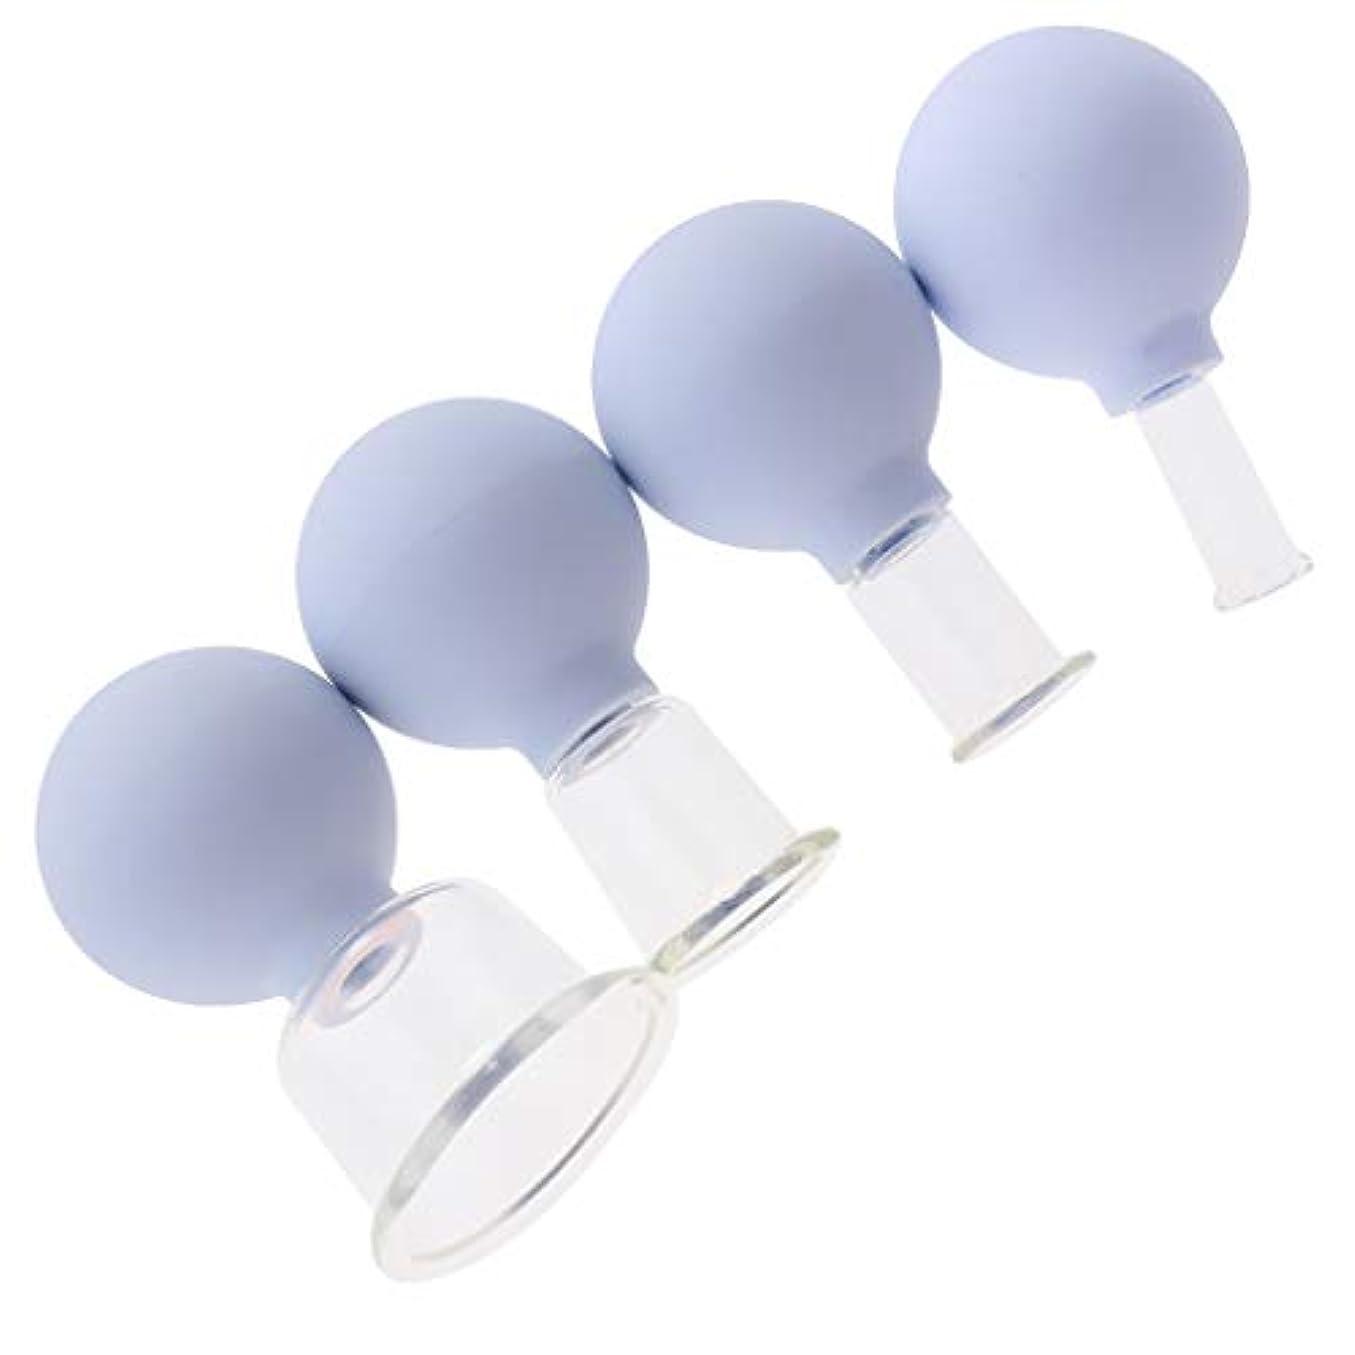 一般的な概してしてはいけないD DOLITY マッサージカップ 吸い玉 カッピングセット ガラスカッピング 真空 男女兼用 ギフト 4個 全3色 - 白